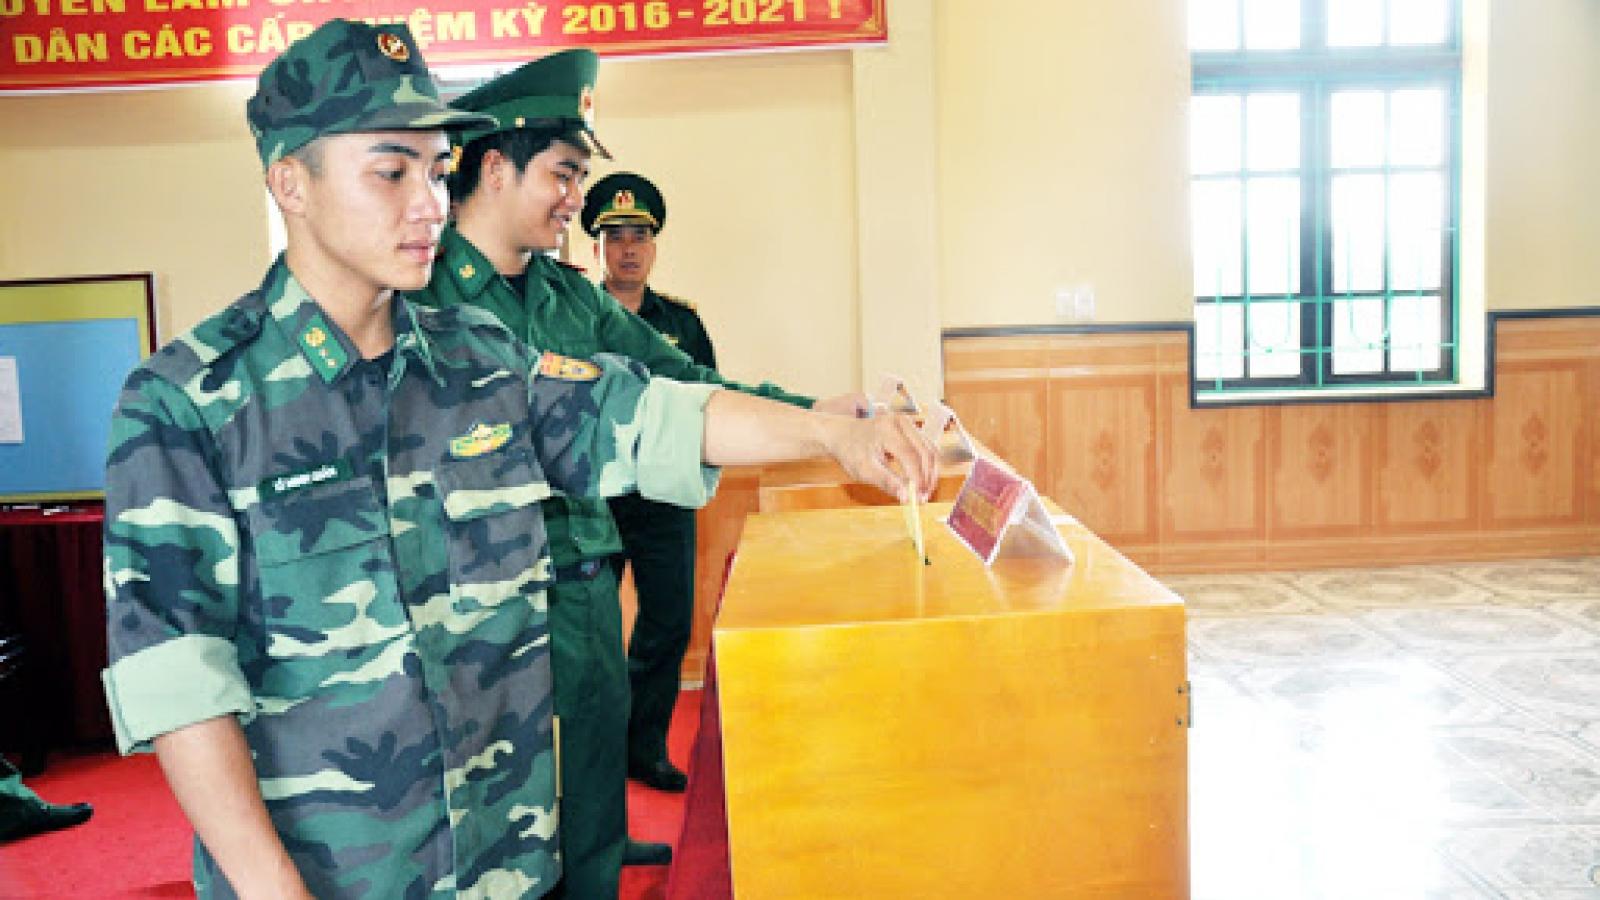 Việc lập danh sách cử tri ở đơn vị vũ trang nhân dân có gì đặc biệt?